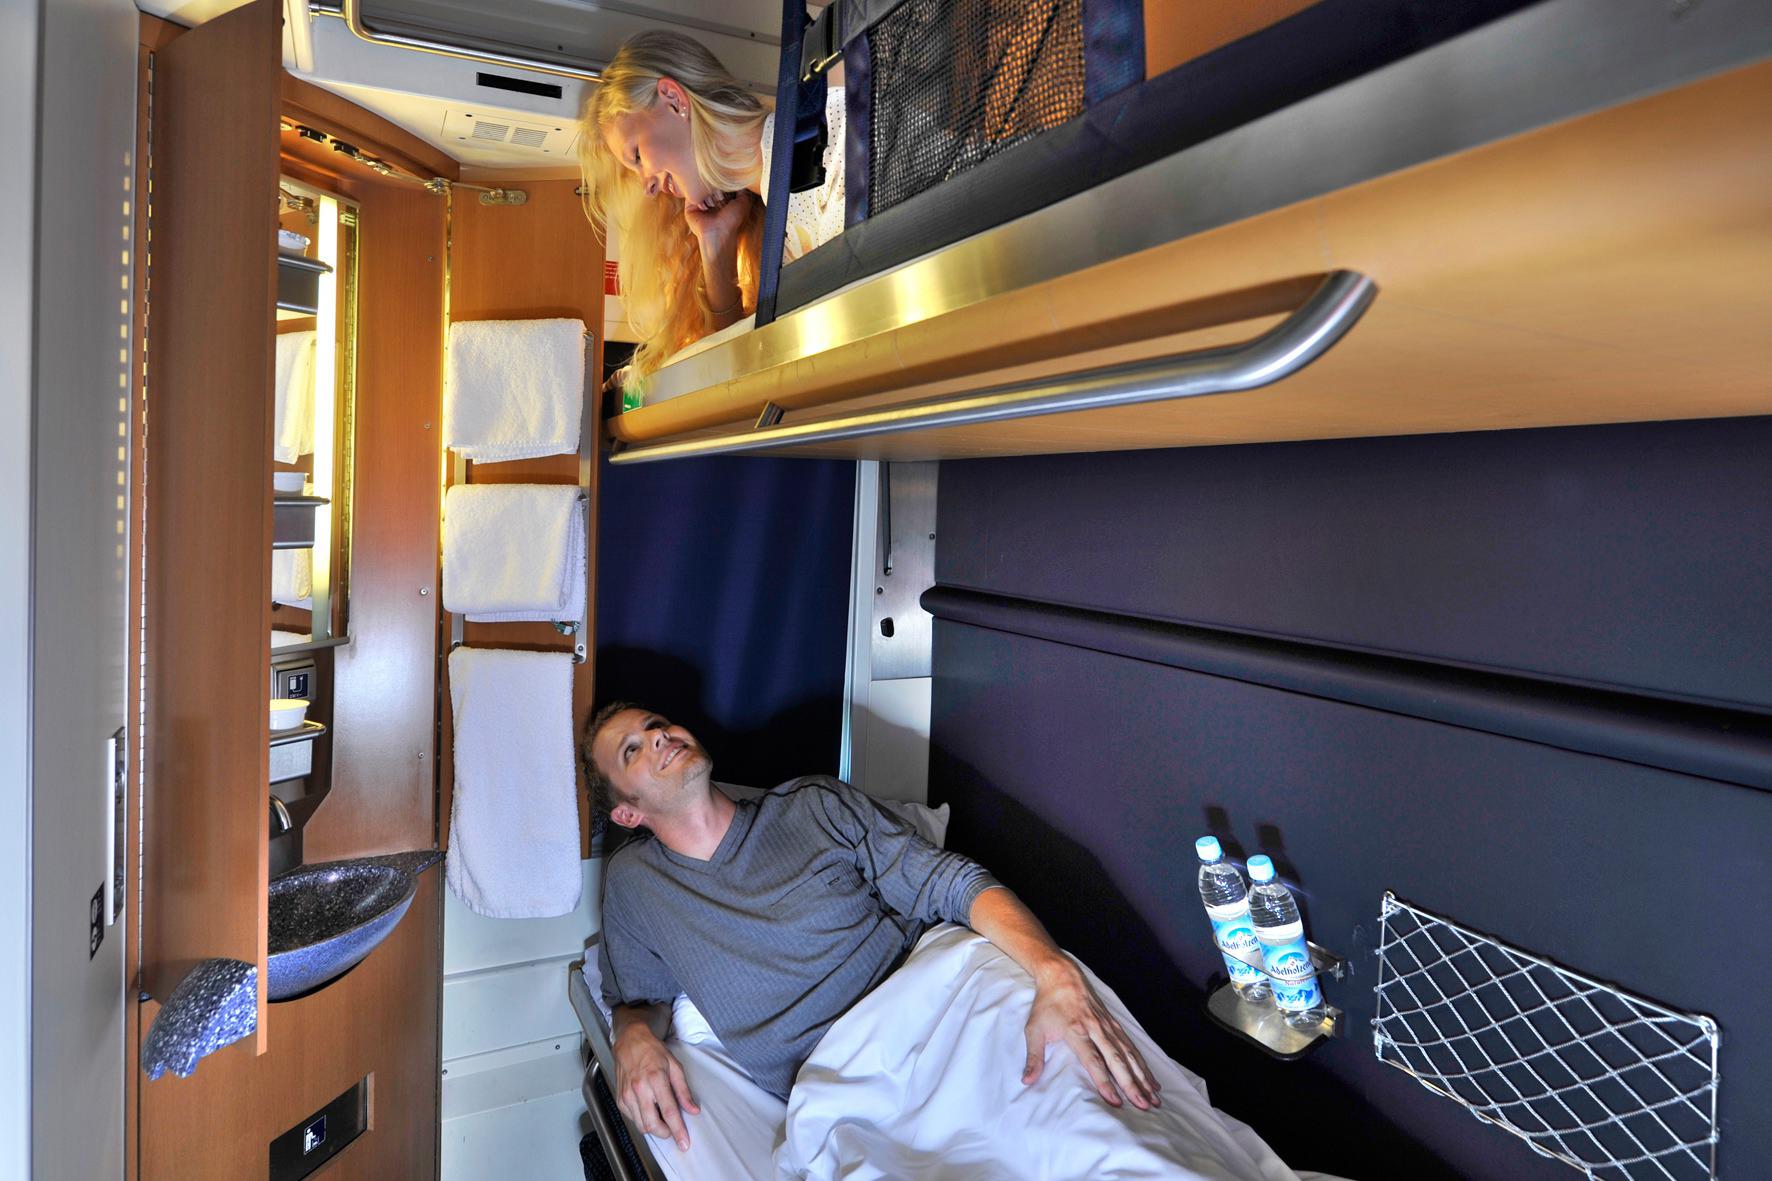 Nachtzüge: Bahn vernachlässigt Interessen der Fahrgäste